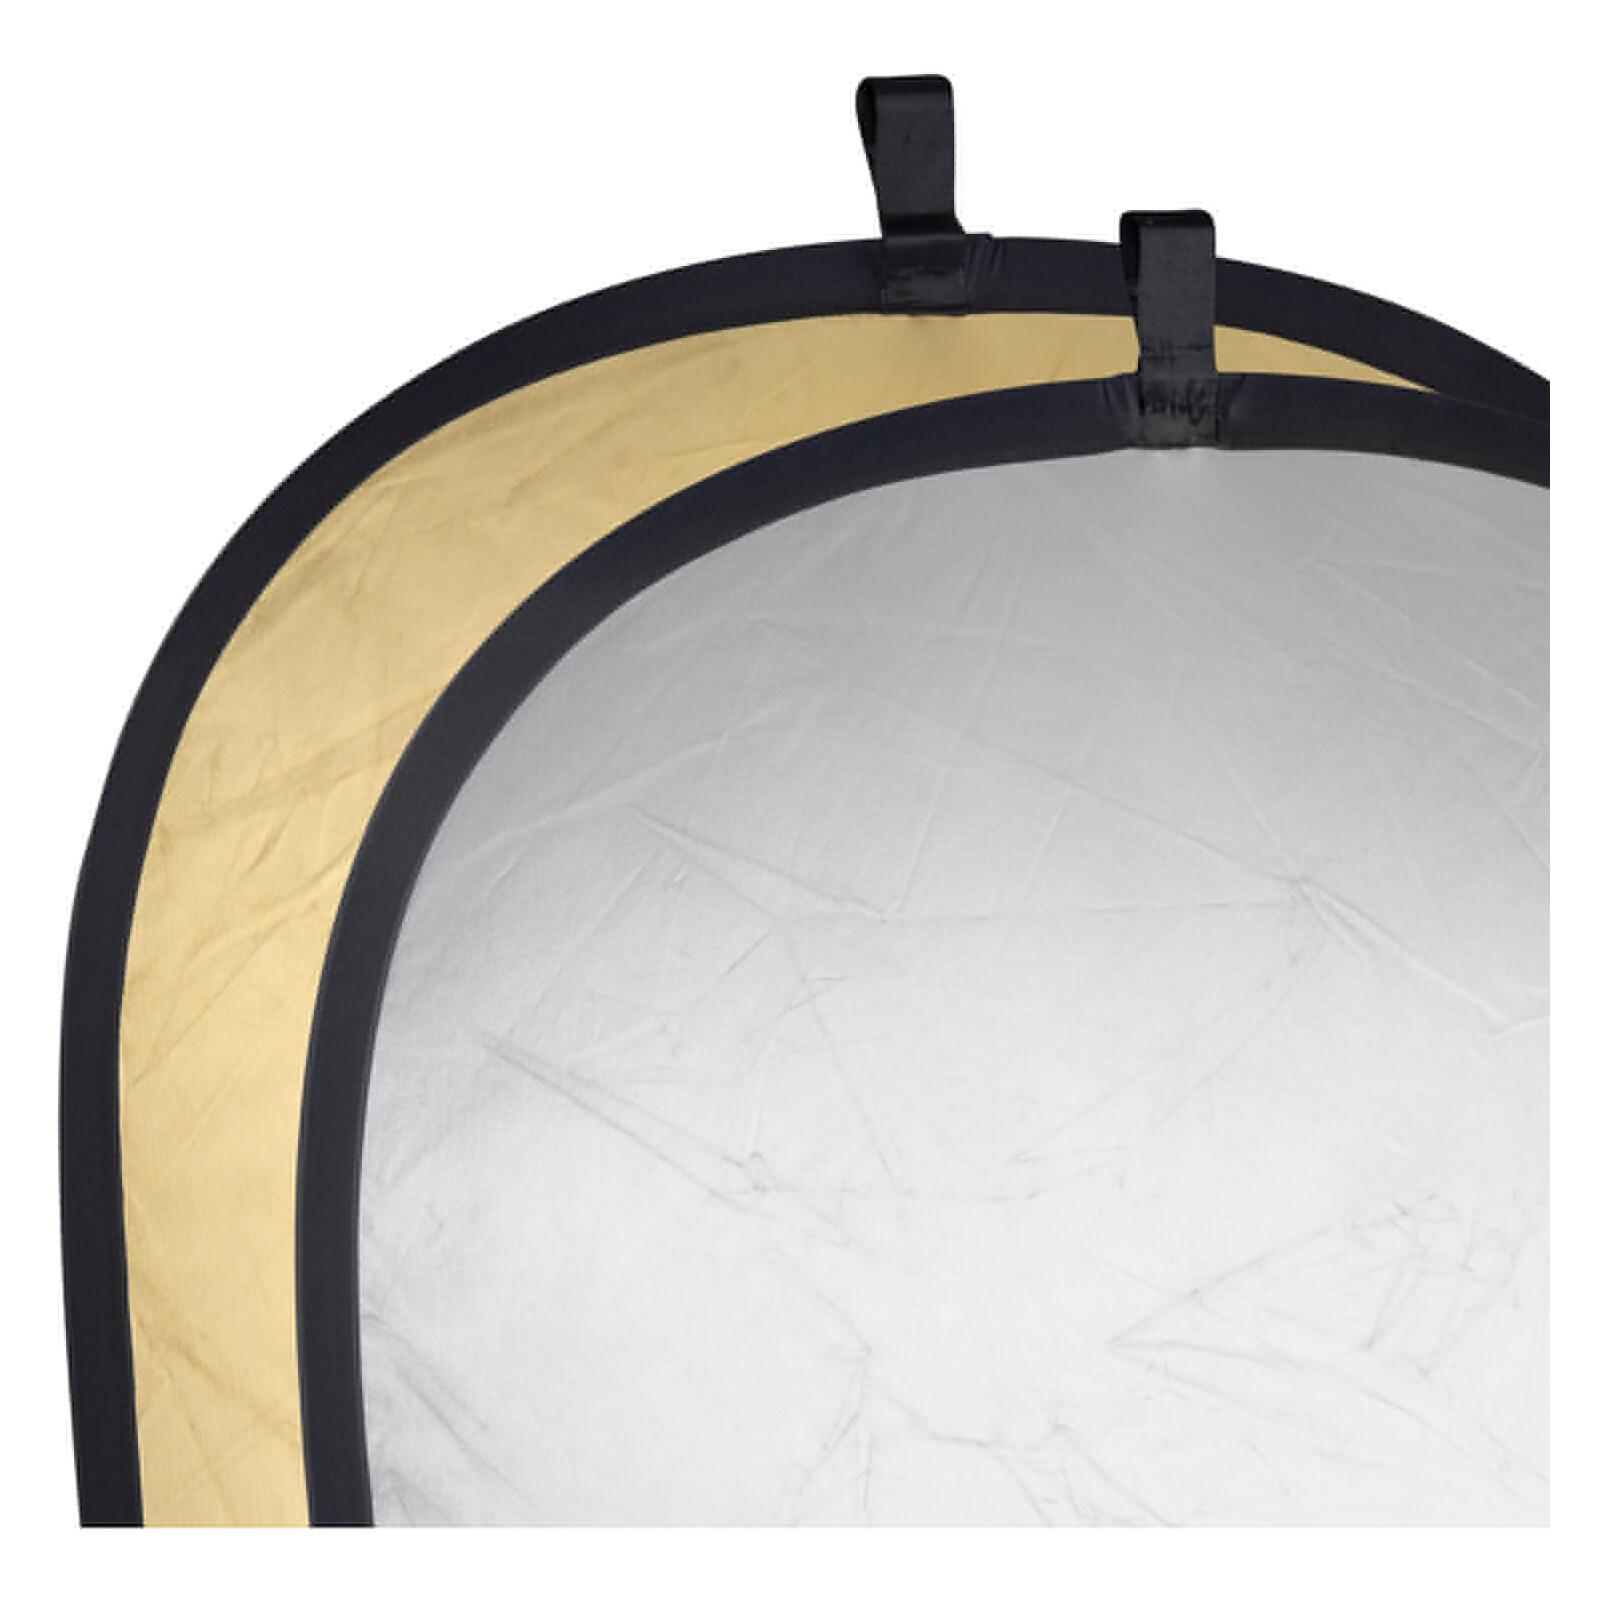 walimex 2in1 Faltreflektor silber/gold, 145x200cm